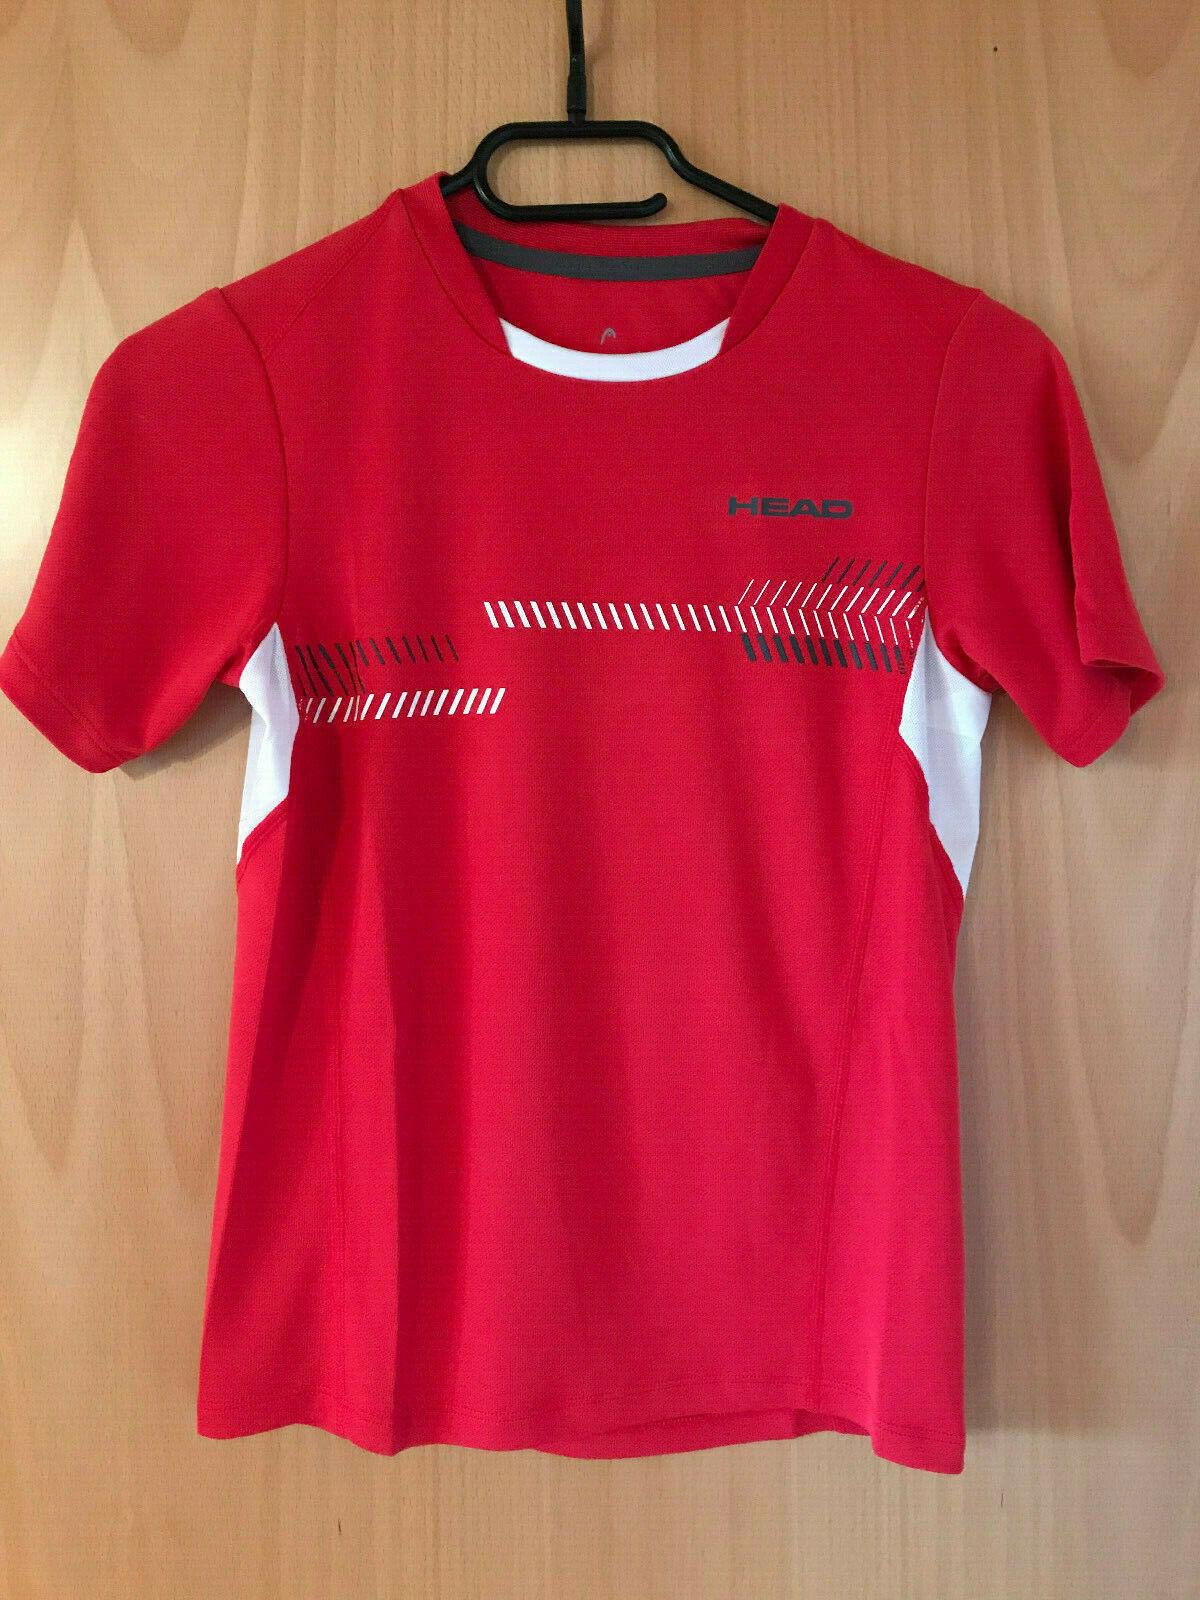 Jungen Tennis T-Shirt von Head, Größe 140, Neu